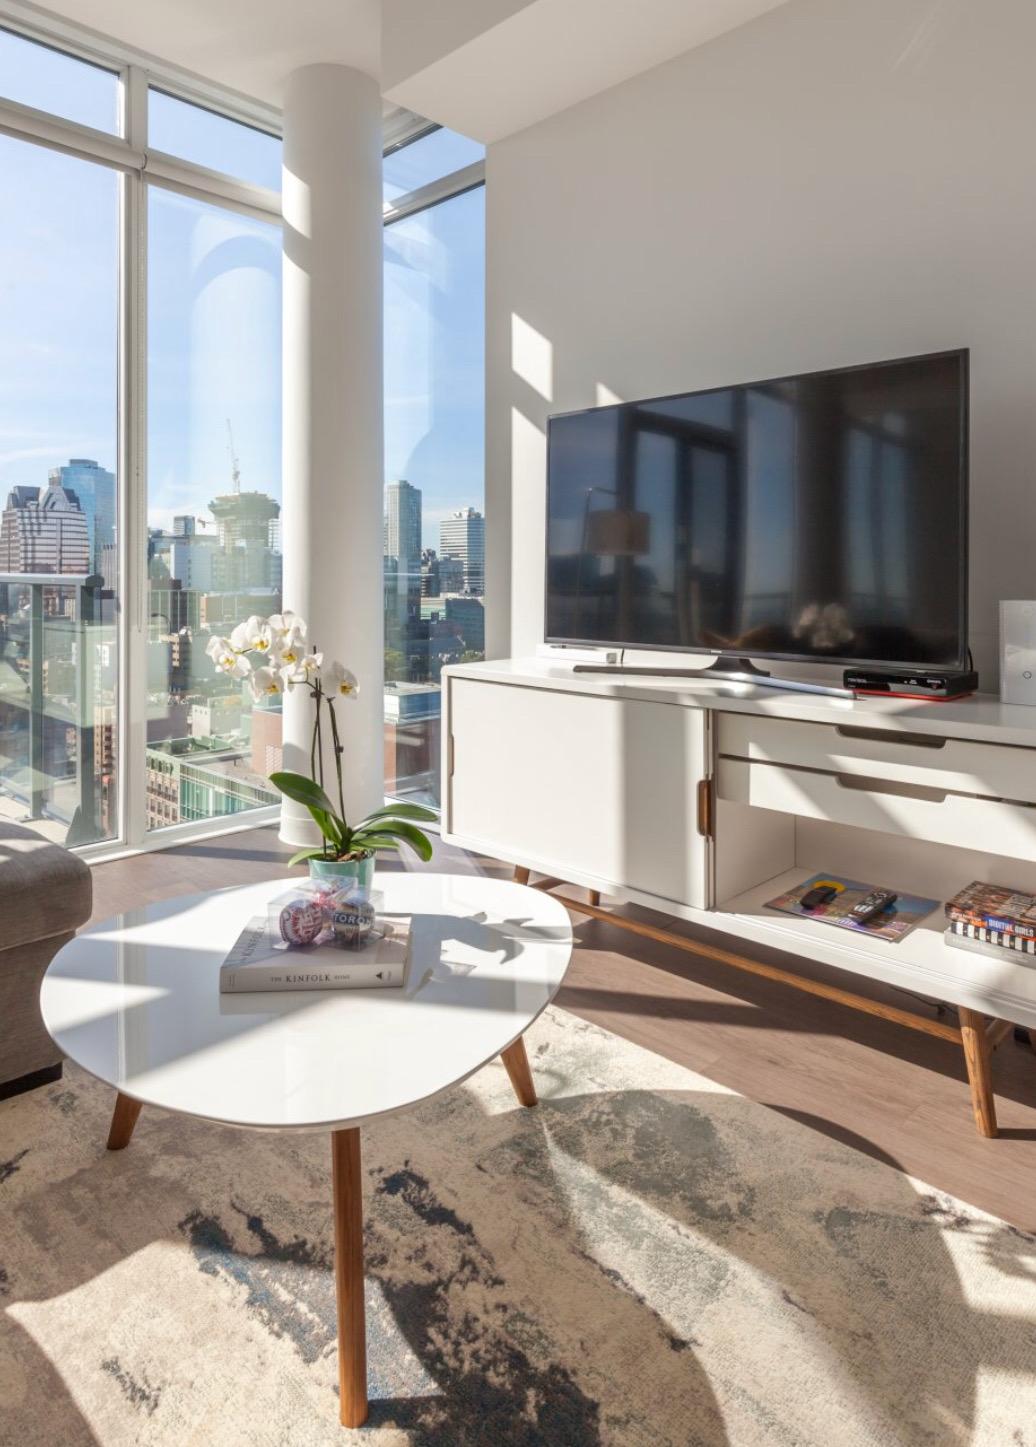 Image:  Airbnb Plus